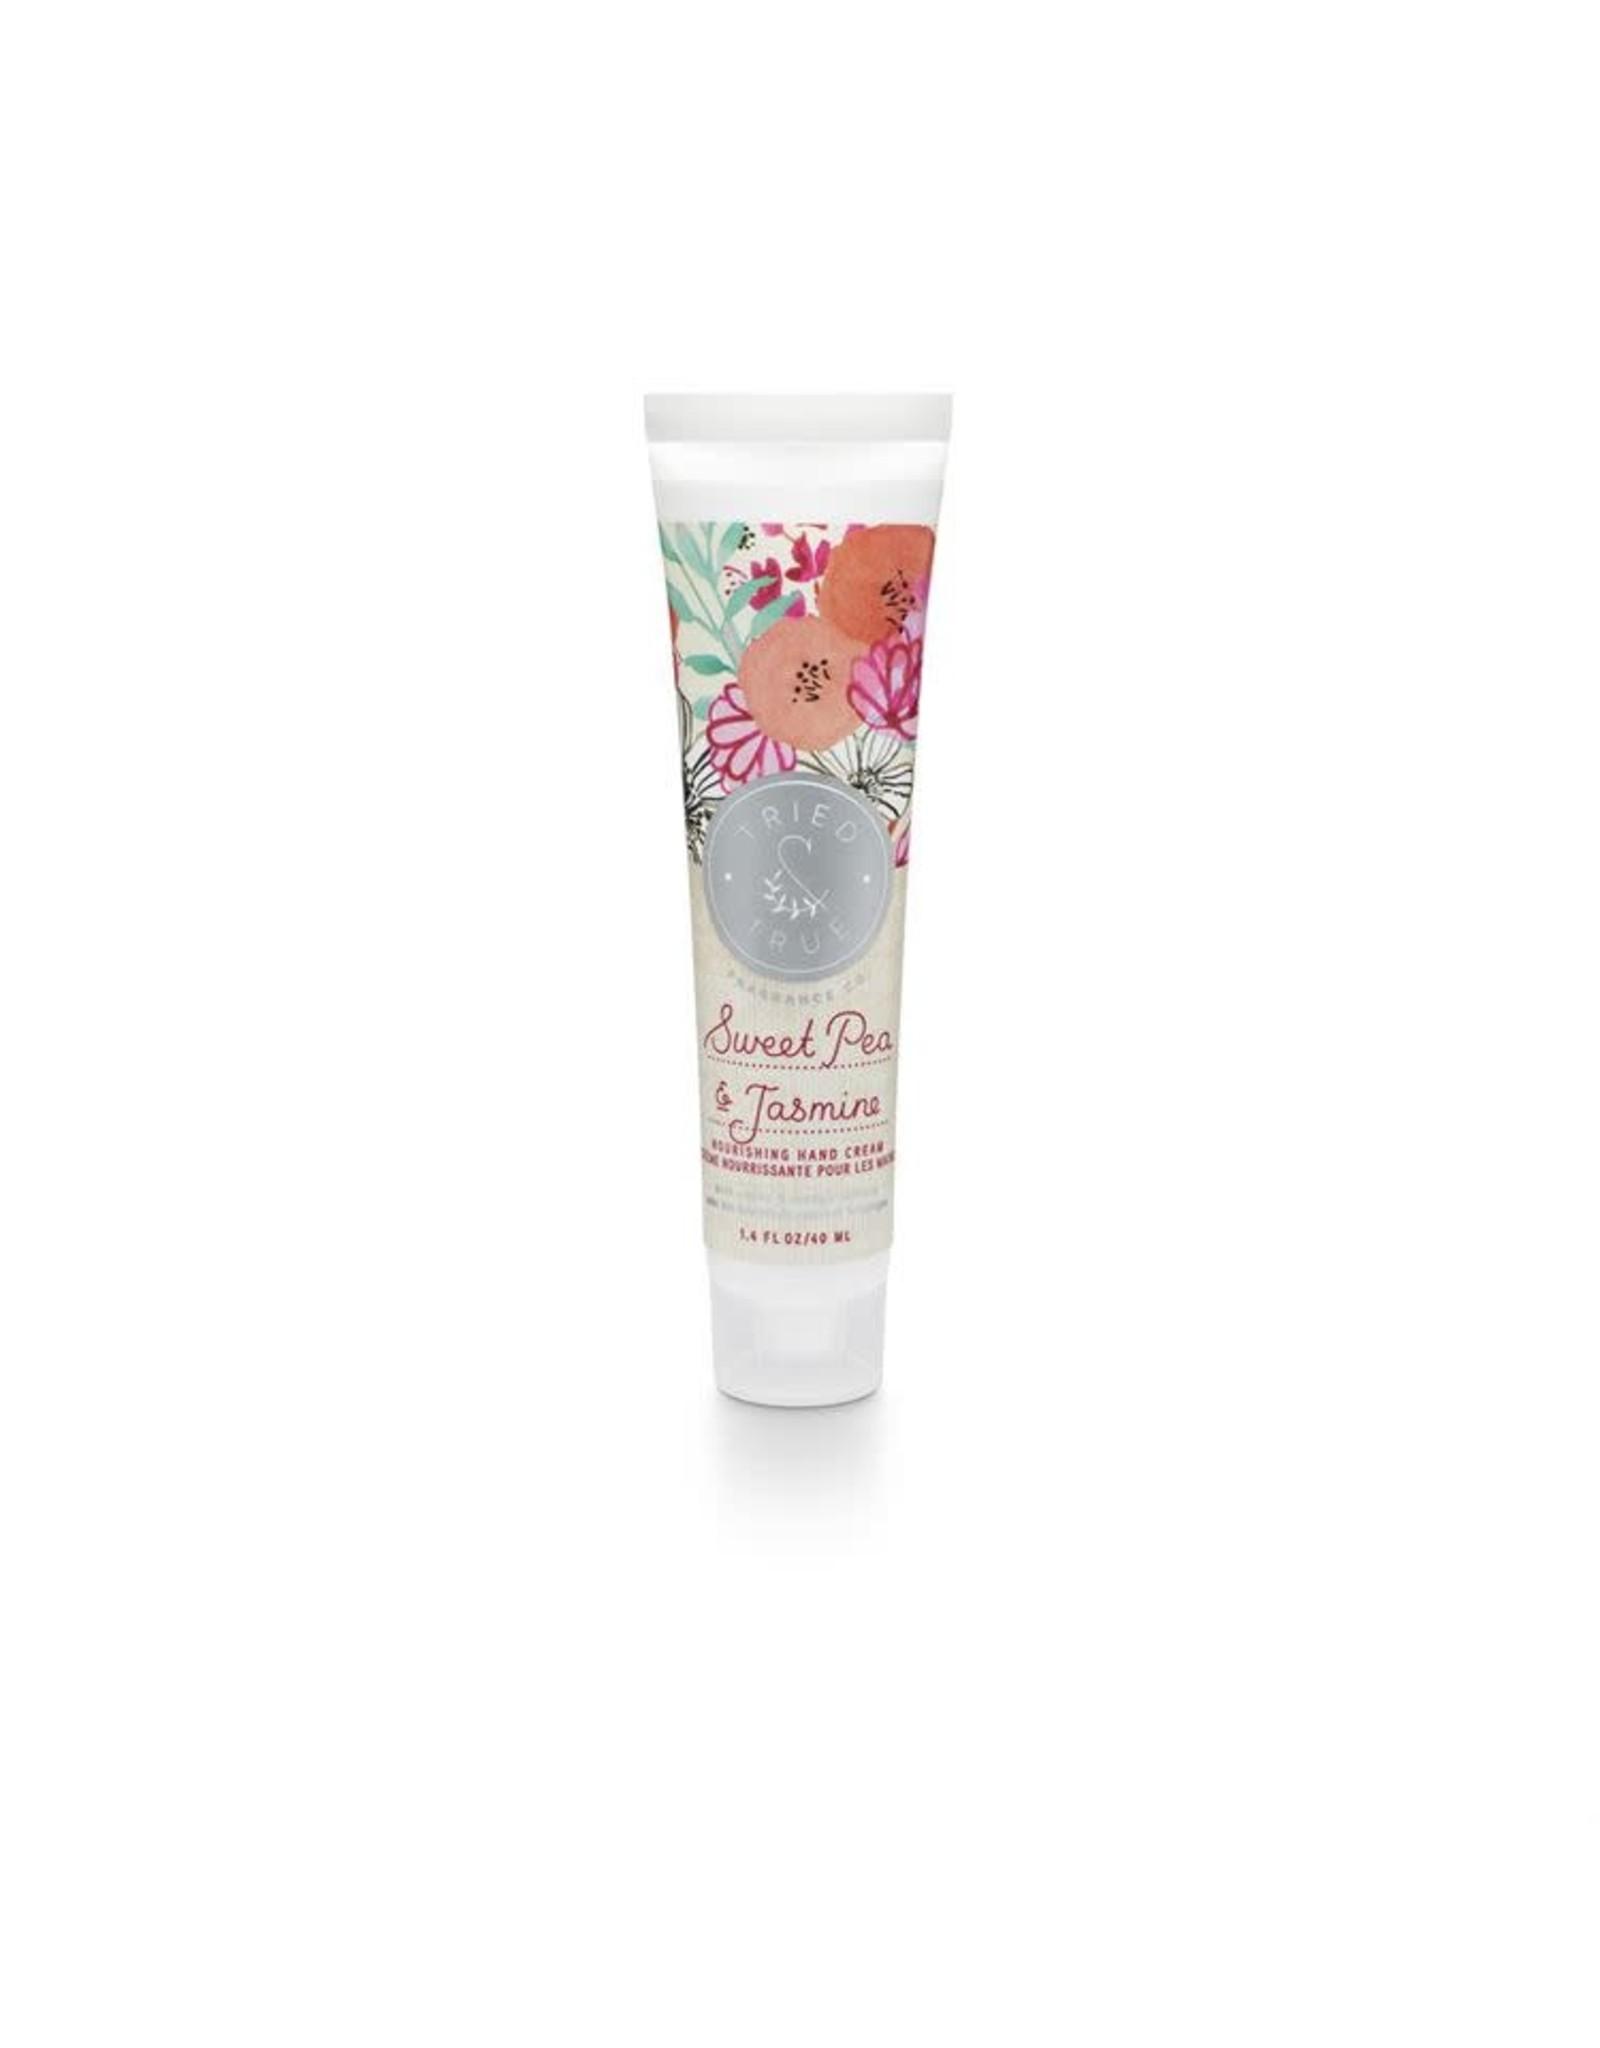 Illume 1.4 oz Hand Cream - Sweet Pea & Jasmine